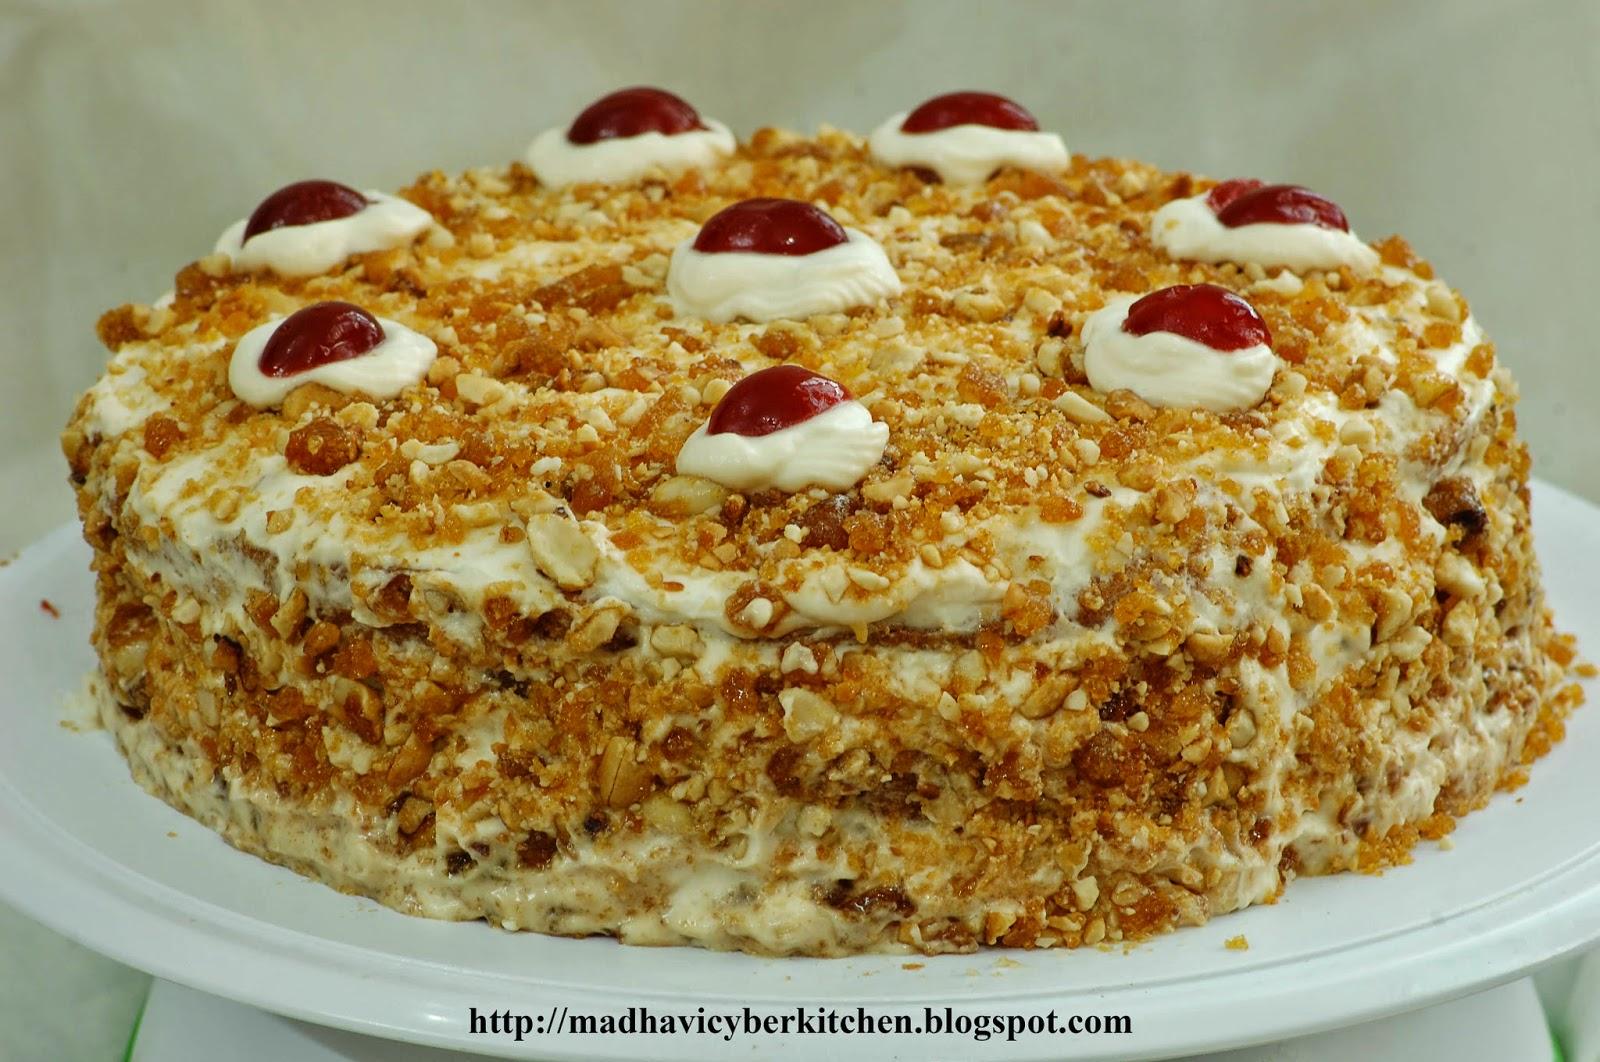 Butterscotch Cream Cake Recipe